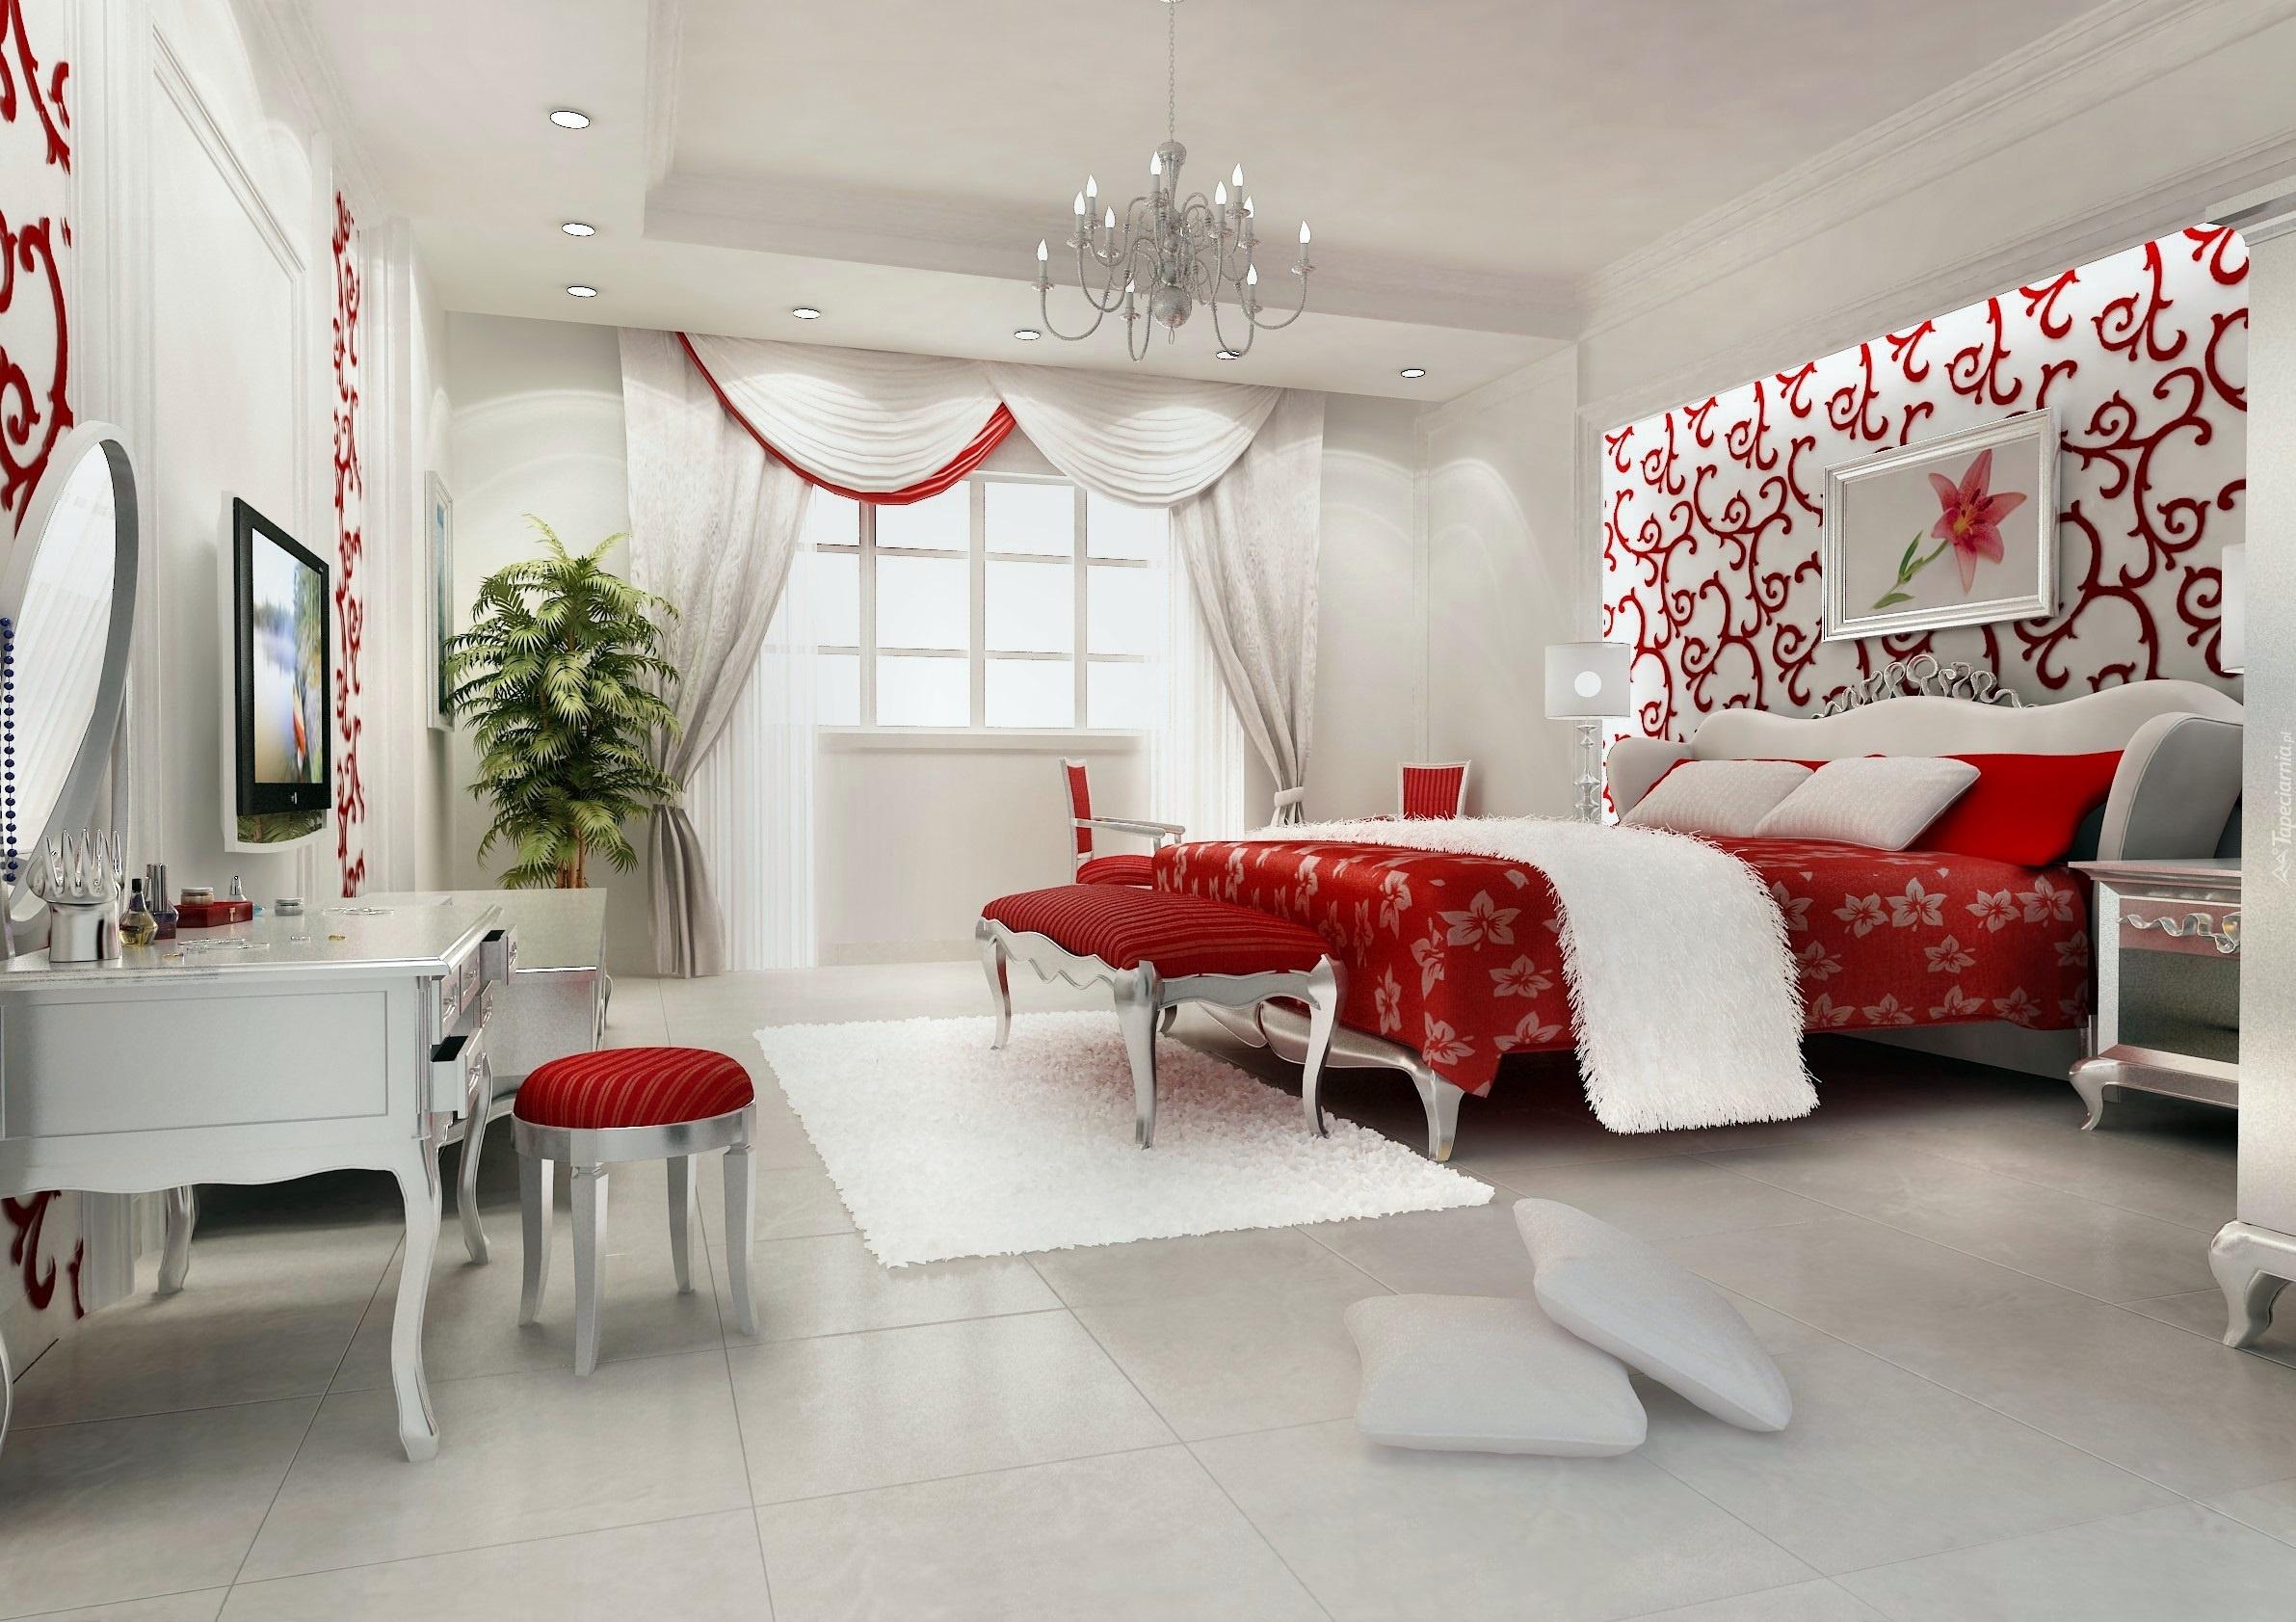 Dom, Wnętrze, Biała, Sypialnia